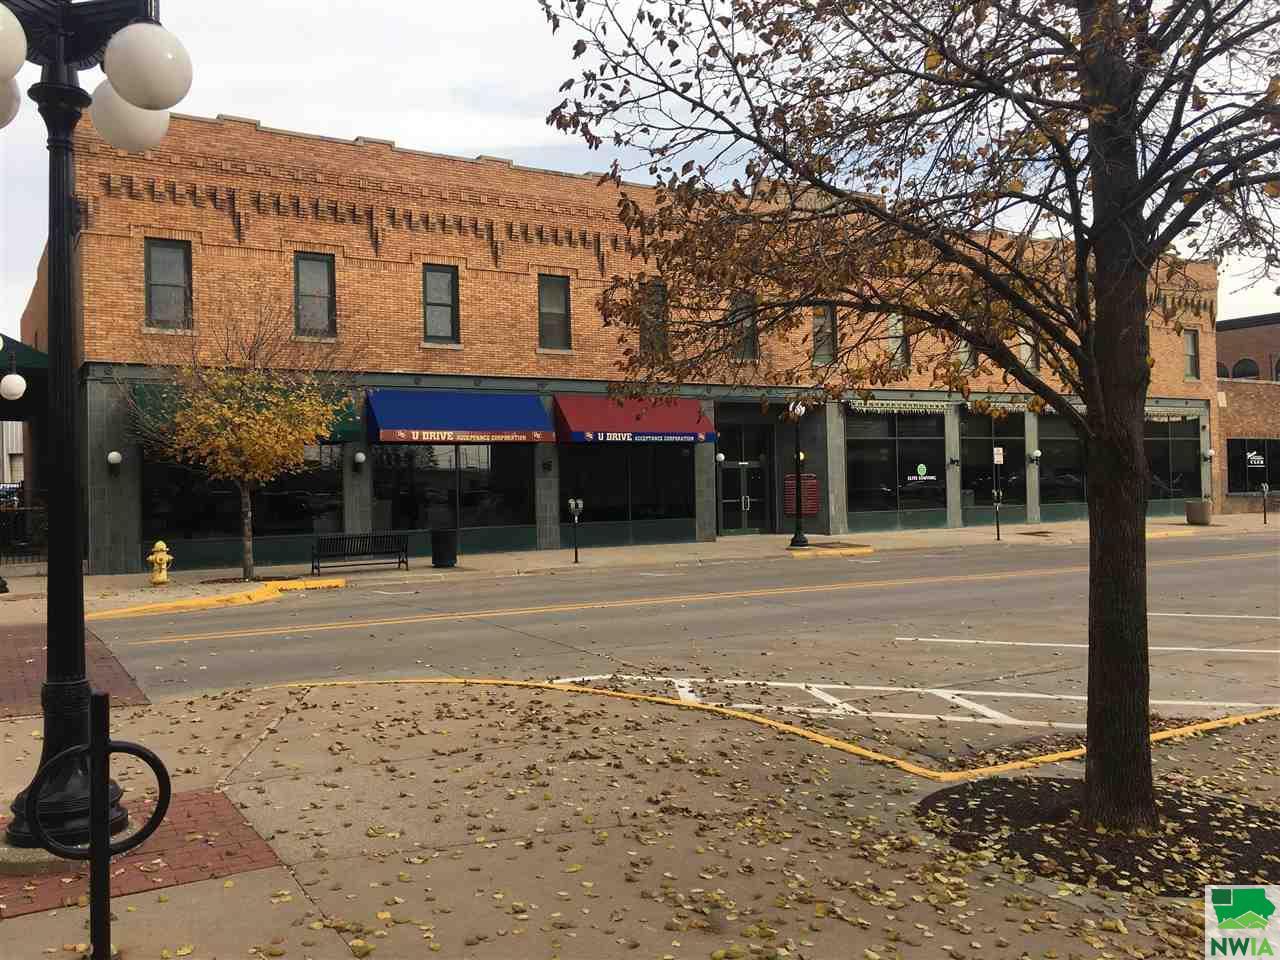 1119 4th, Sioux City, Iowa 51101